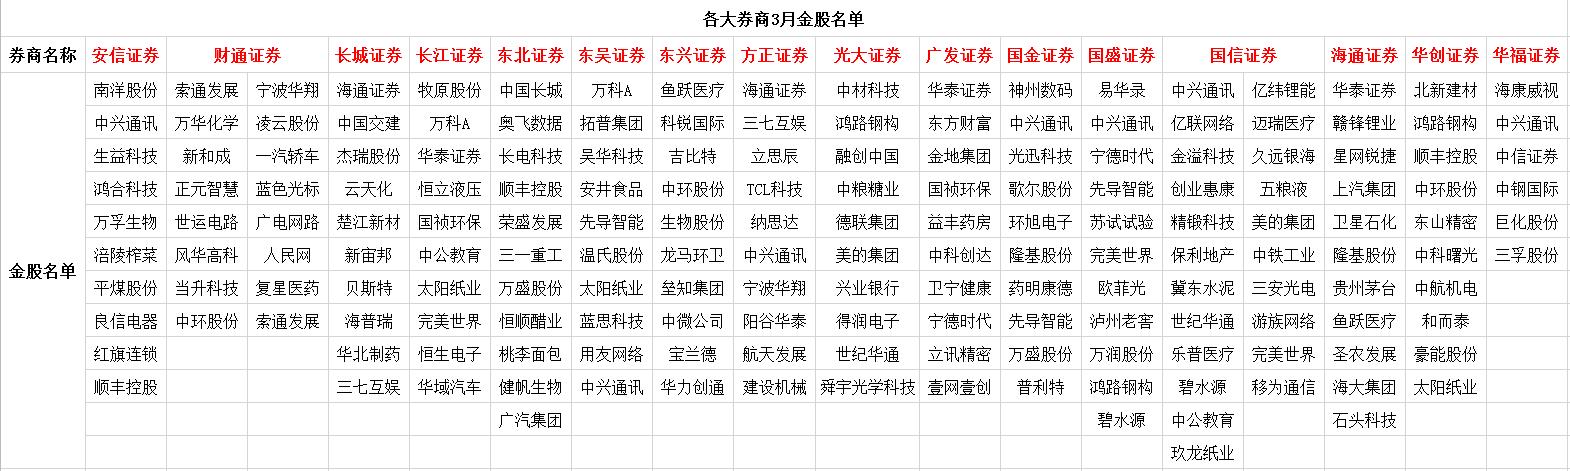 各大券商3月金股名单